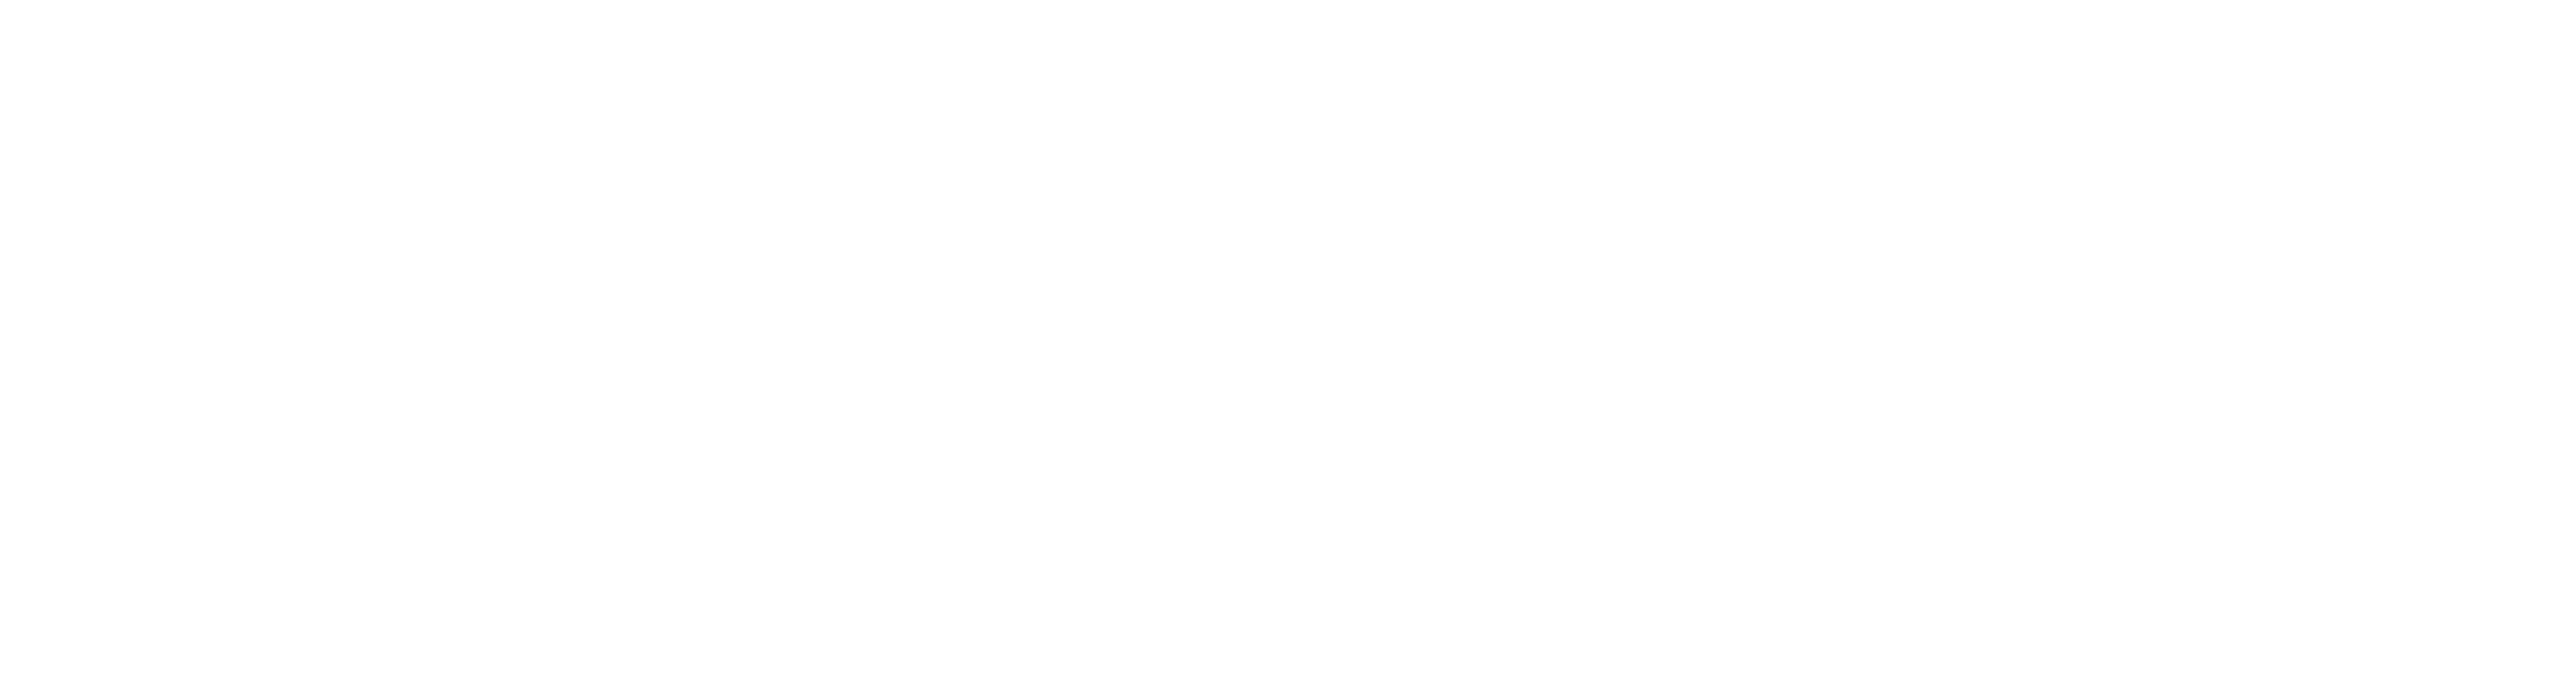 DaZPlayer